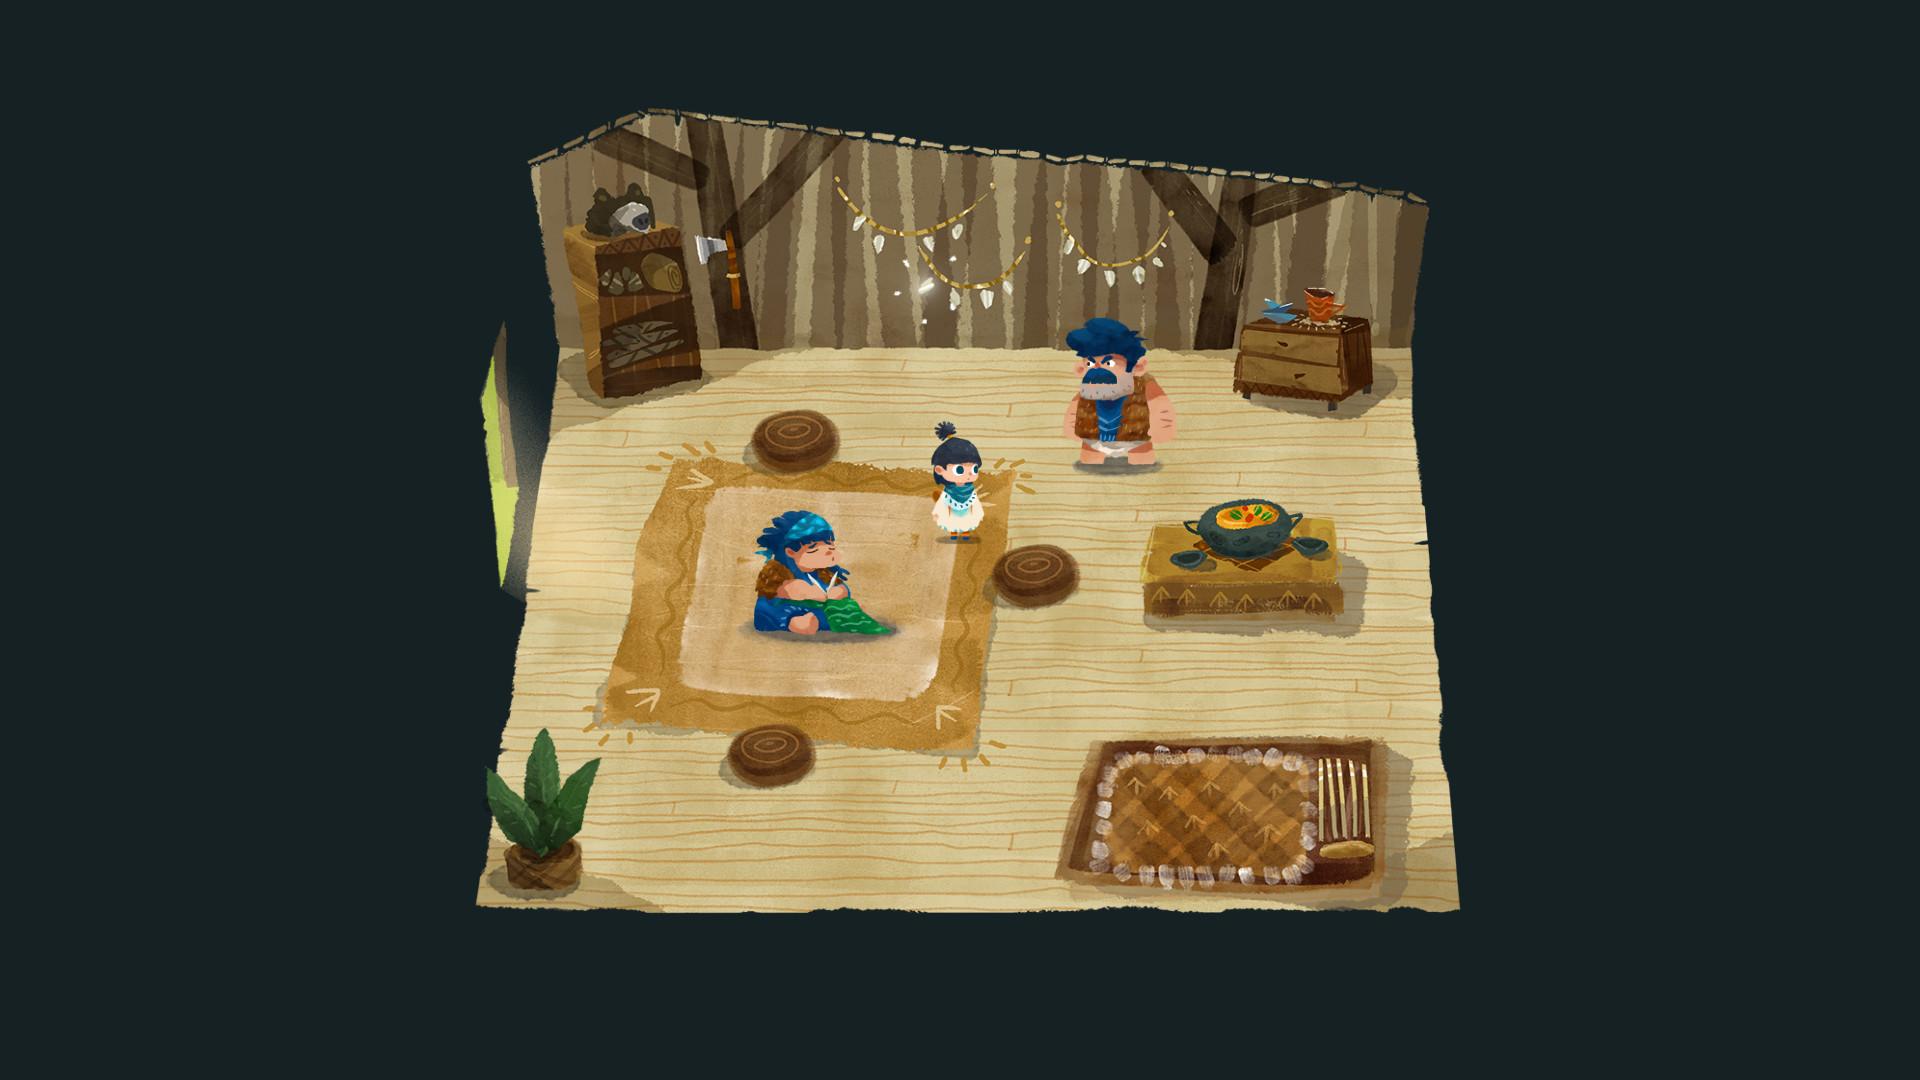 carto-pc-screenshot-03